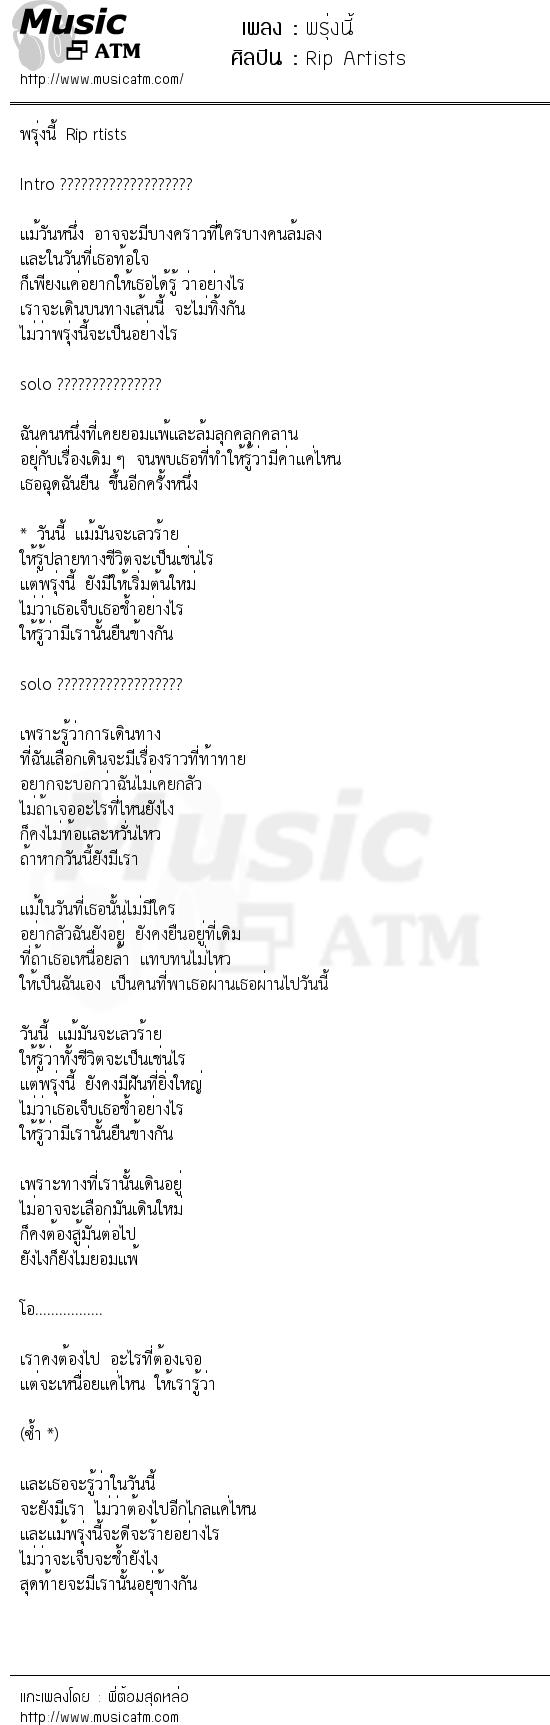 เนื้อเพลง พรุ่งนี้ - Rip Artists | เพลงไทย